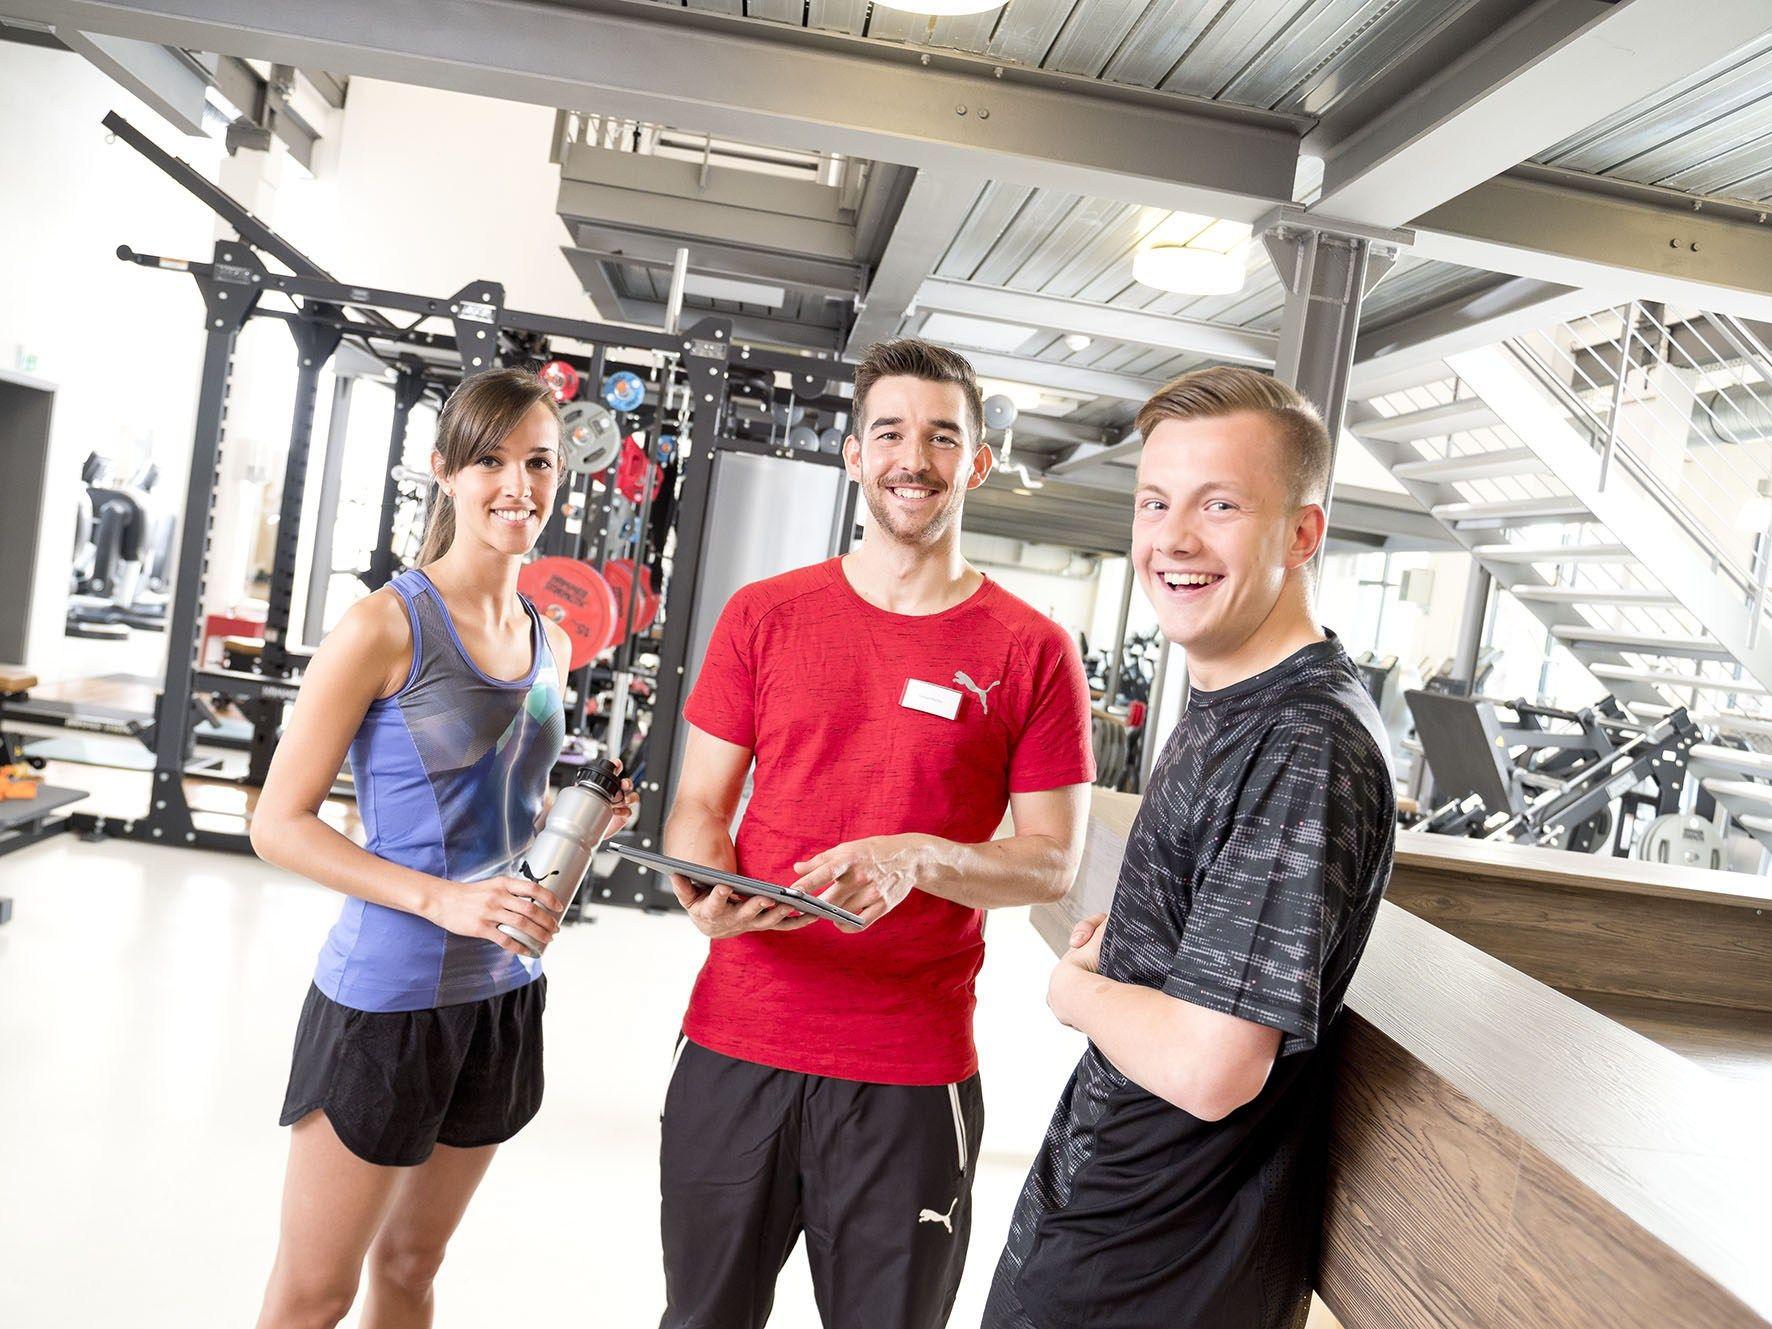 Ausbildung Im Fitnessbereich